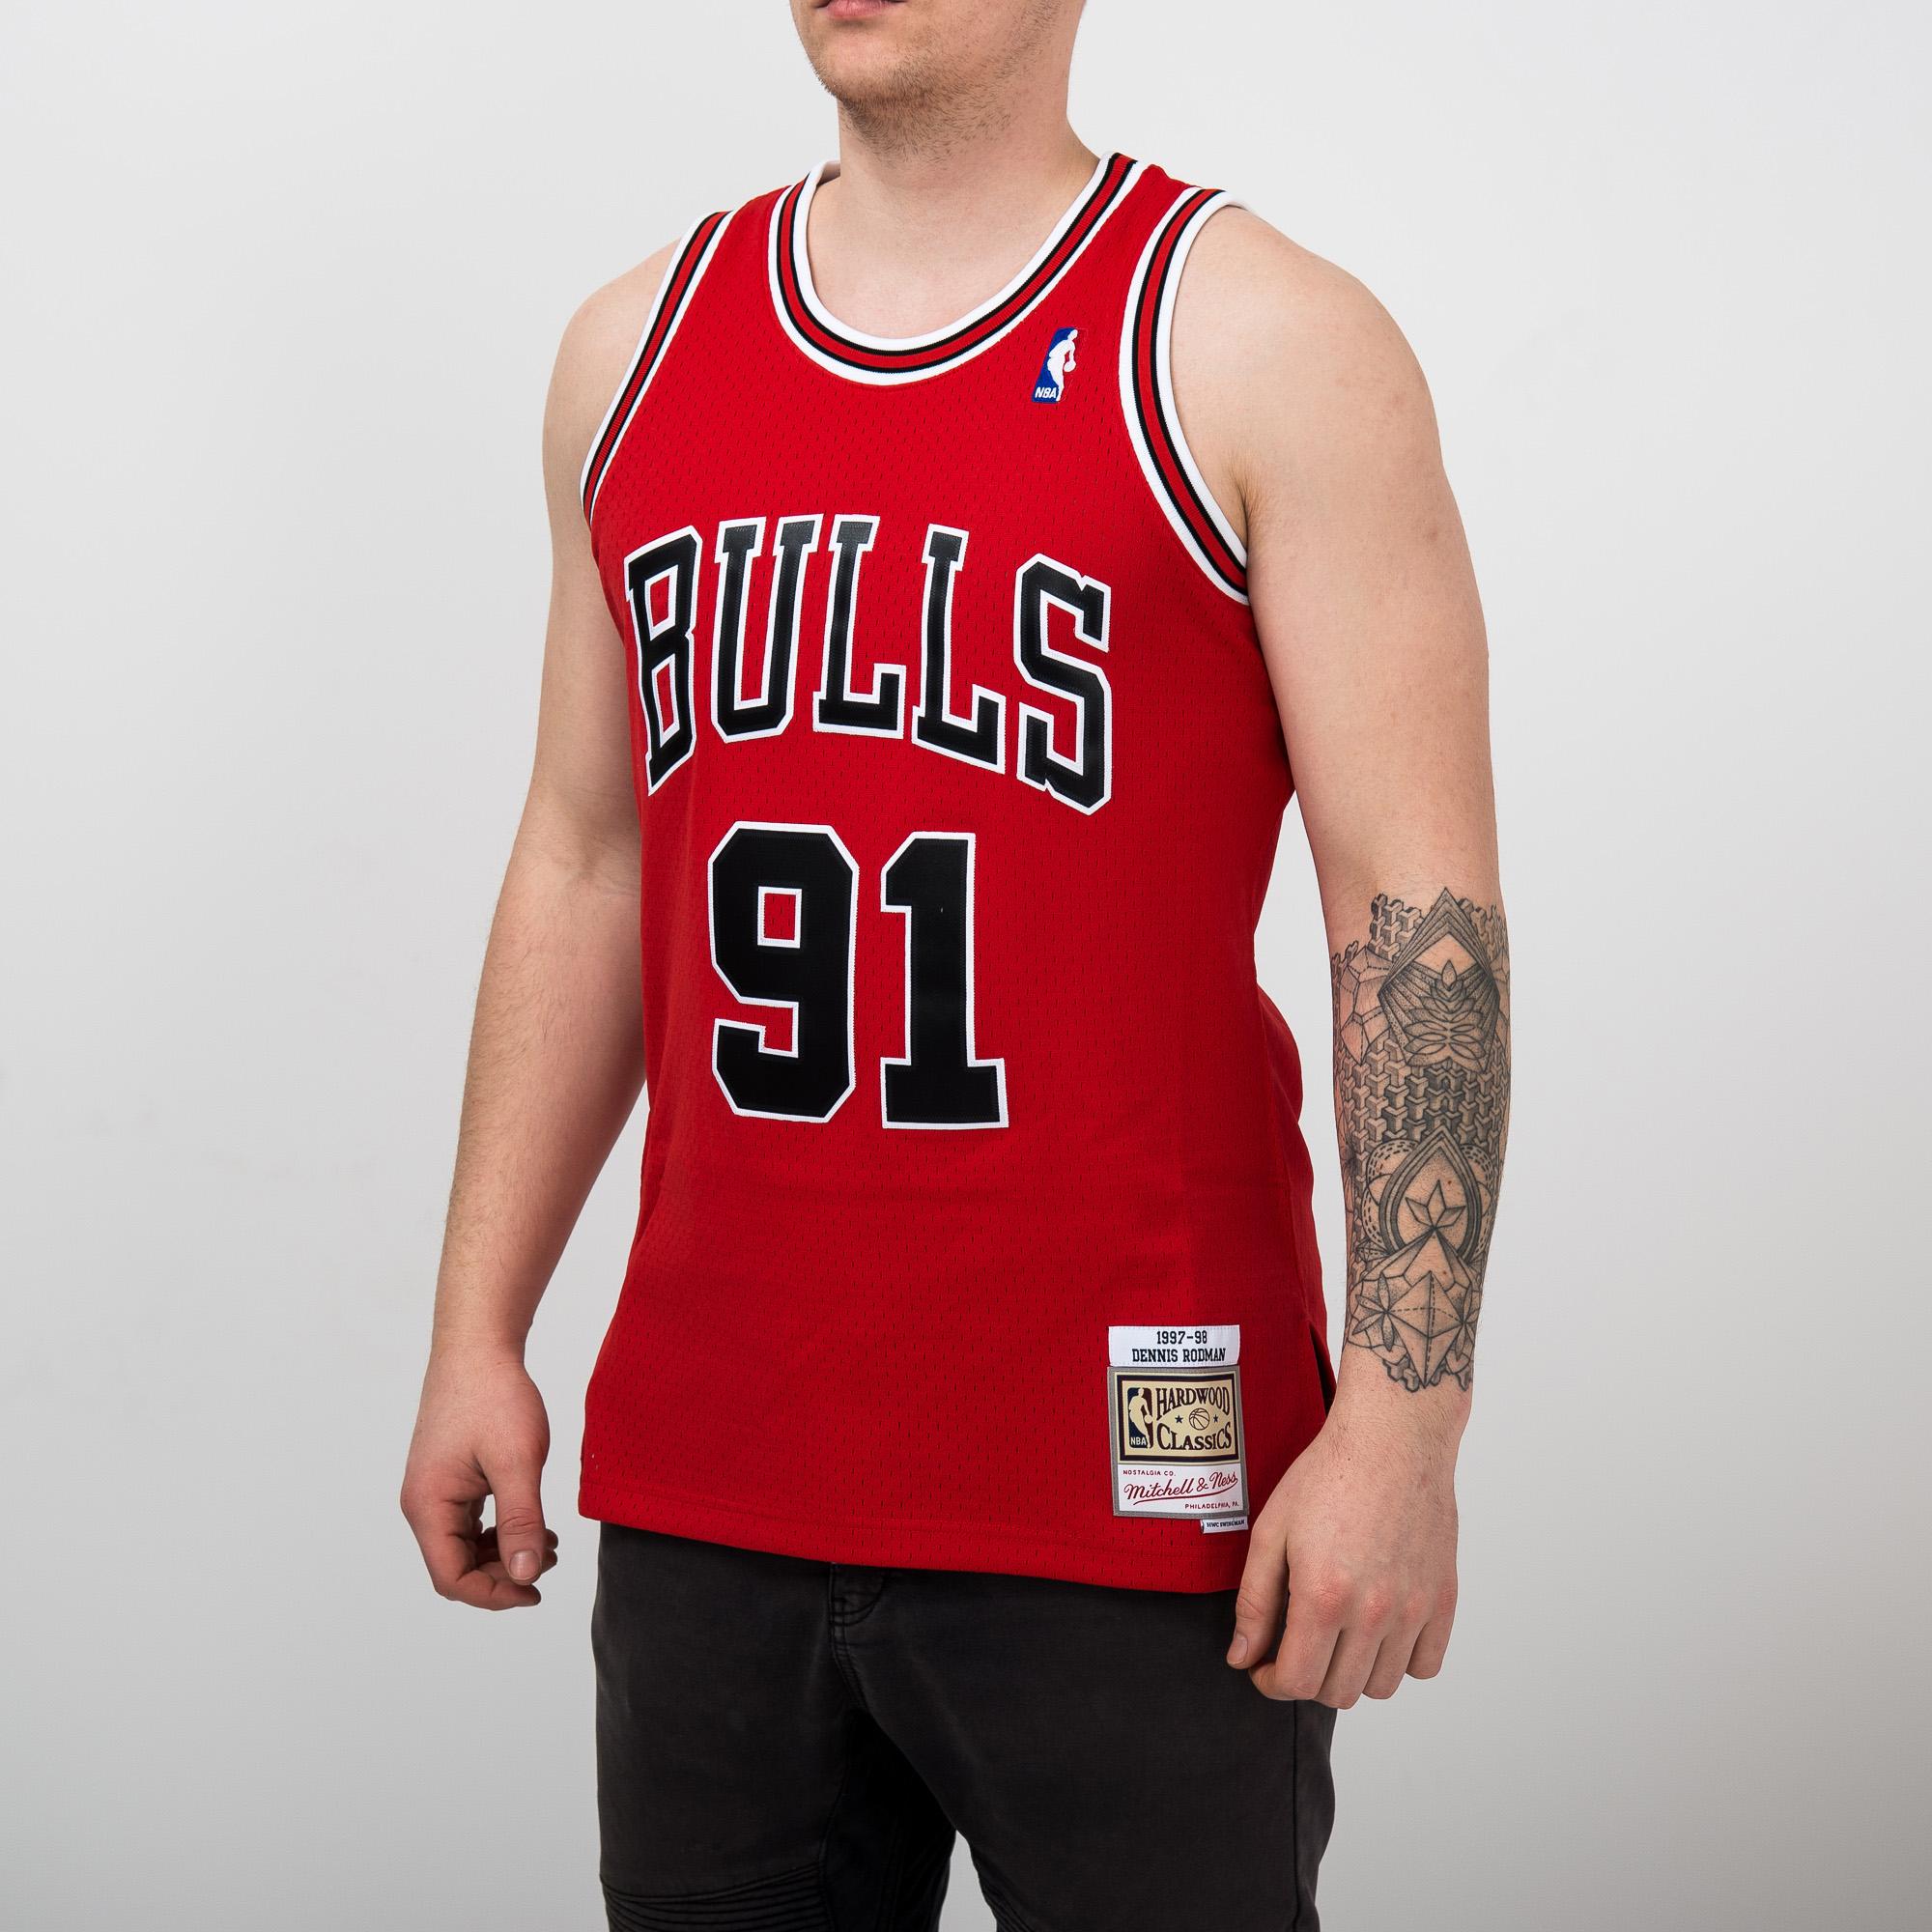 8fcc2a5da Mitchell   Ness NBA Chicago Bulls Dennis Rodman 1997-98 Road Swingman  Jersey - NBA Shop Chicago Bulls Merchandise - Superfanas.lt